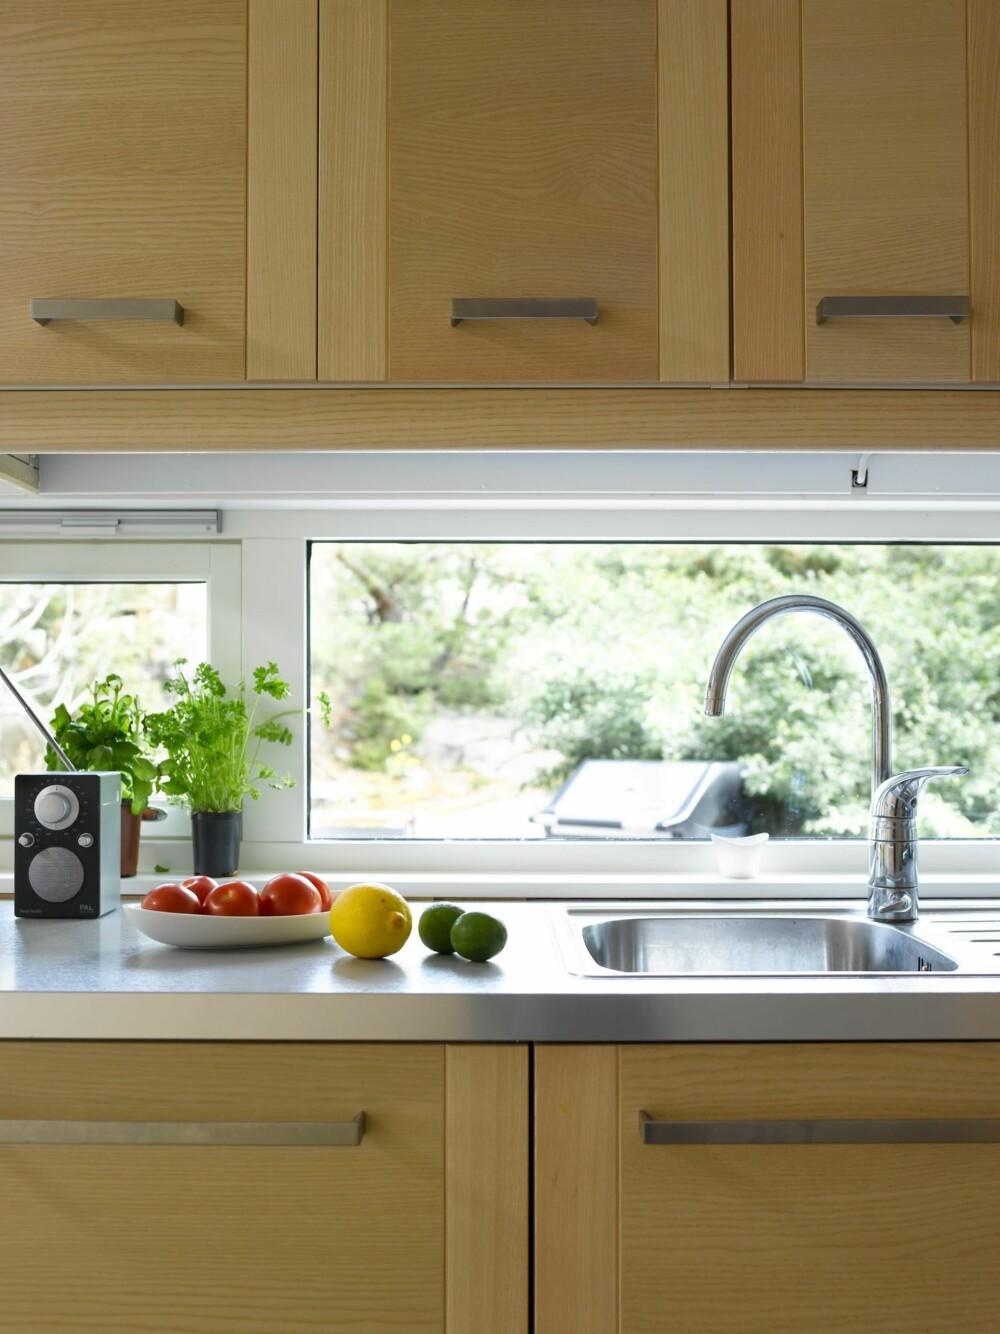 NYTT KJØKKEN: Vinduet over kjøkkenbenken gir godt med dagslys inn i hytta. Kjøkkenet er fra Ikea.